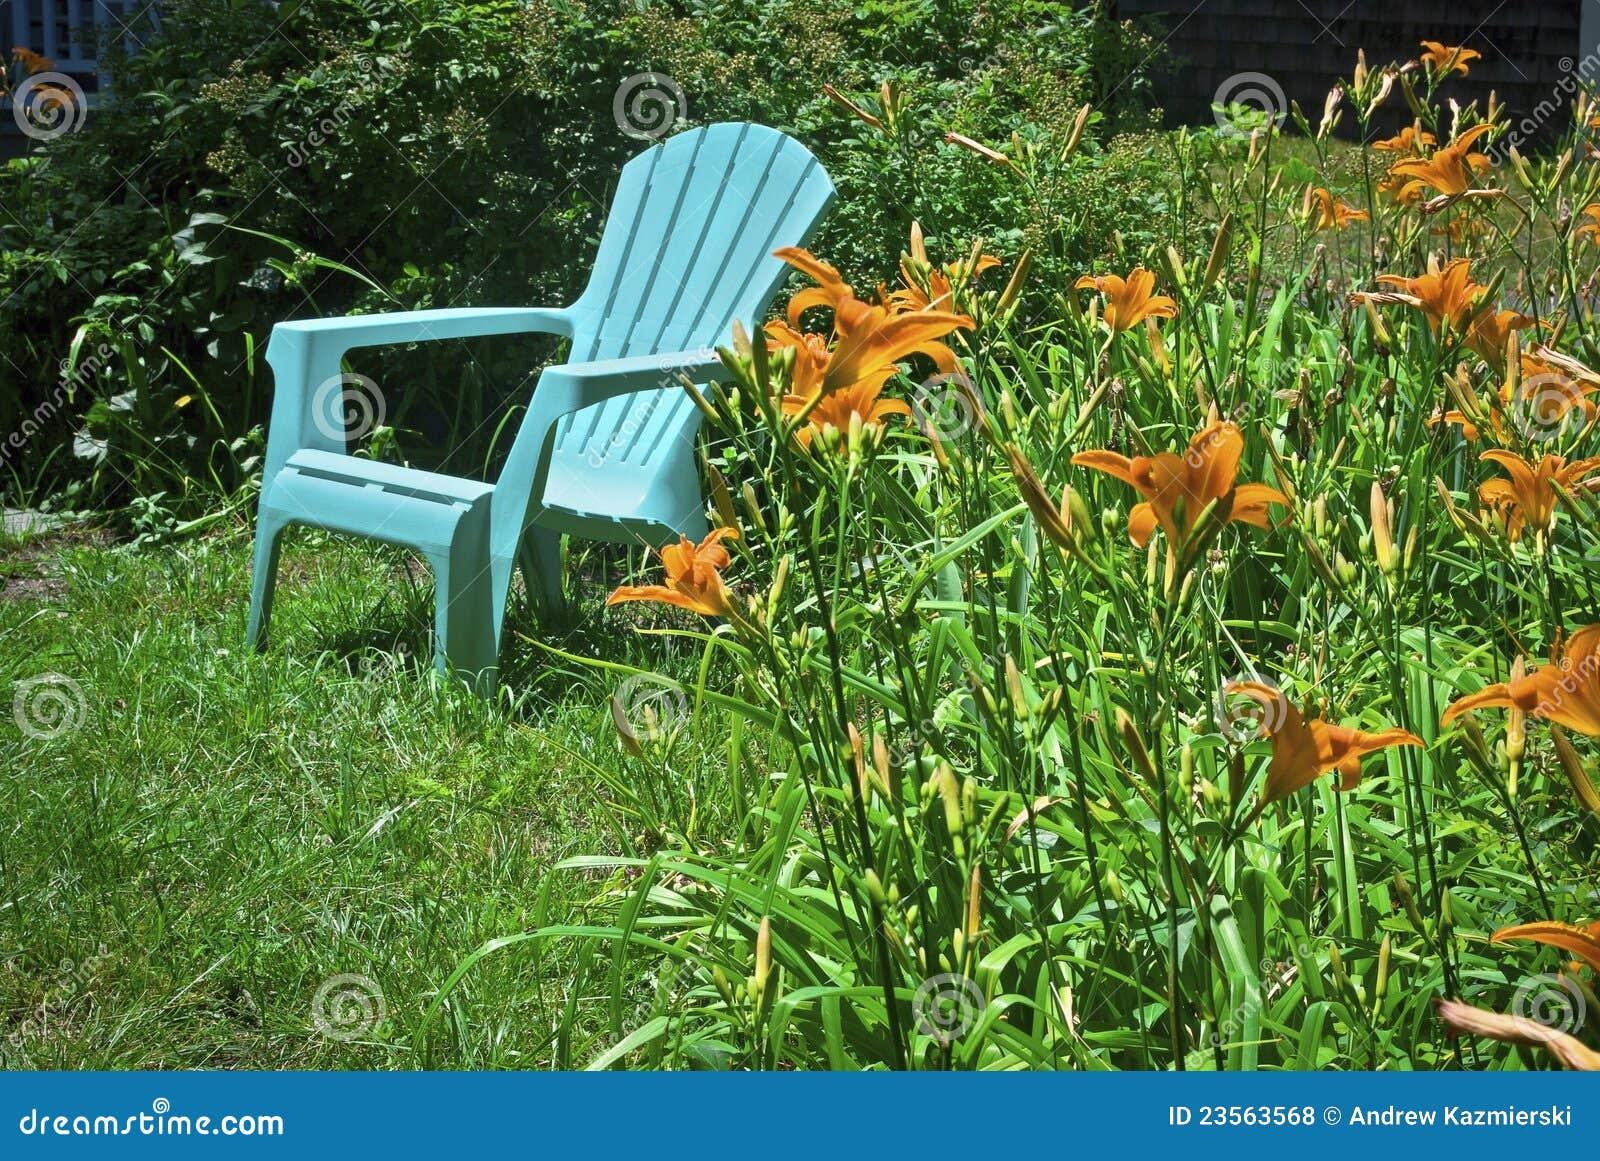 stuhl und tiger lilien lizenzfreie stockfotos bild 23563568. Black Bedroom Furniture Sets. Home Design Ideas